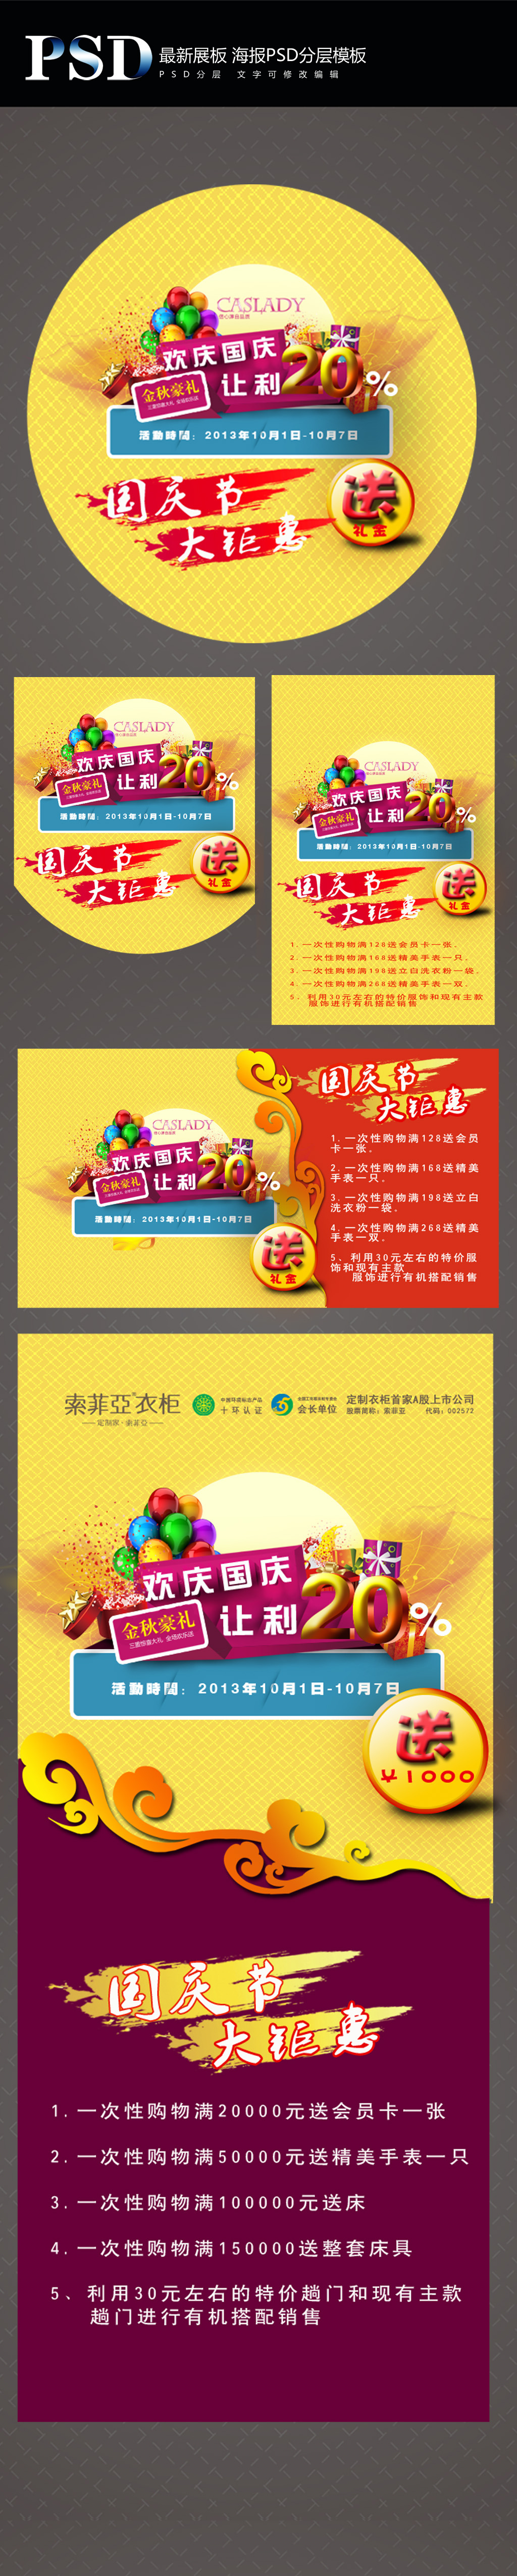 展板海报易拉宝pop设计模板图片下载 国庆节展板设计 国庆节海报设计